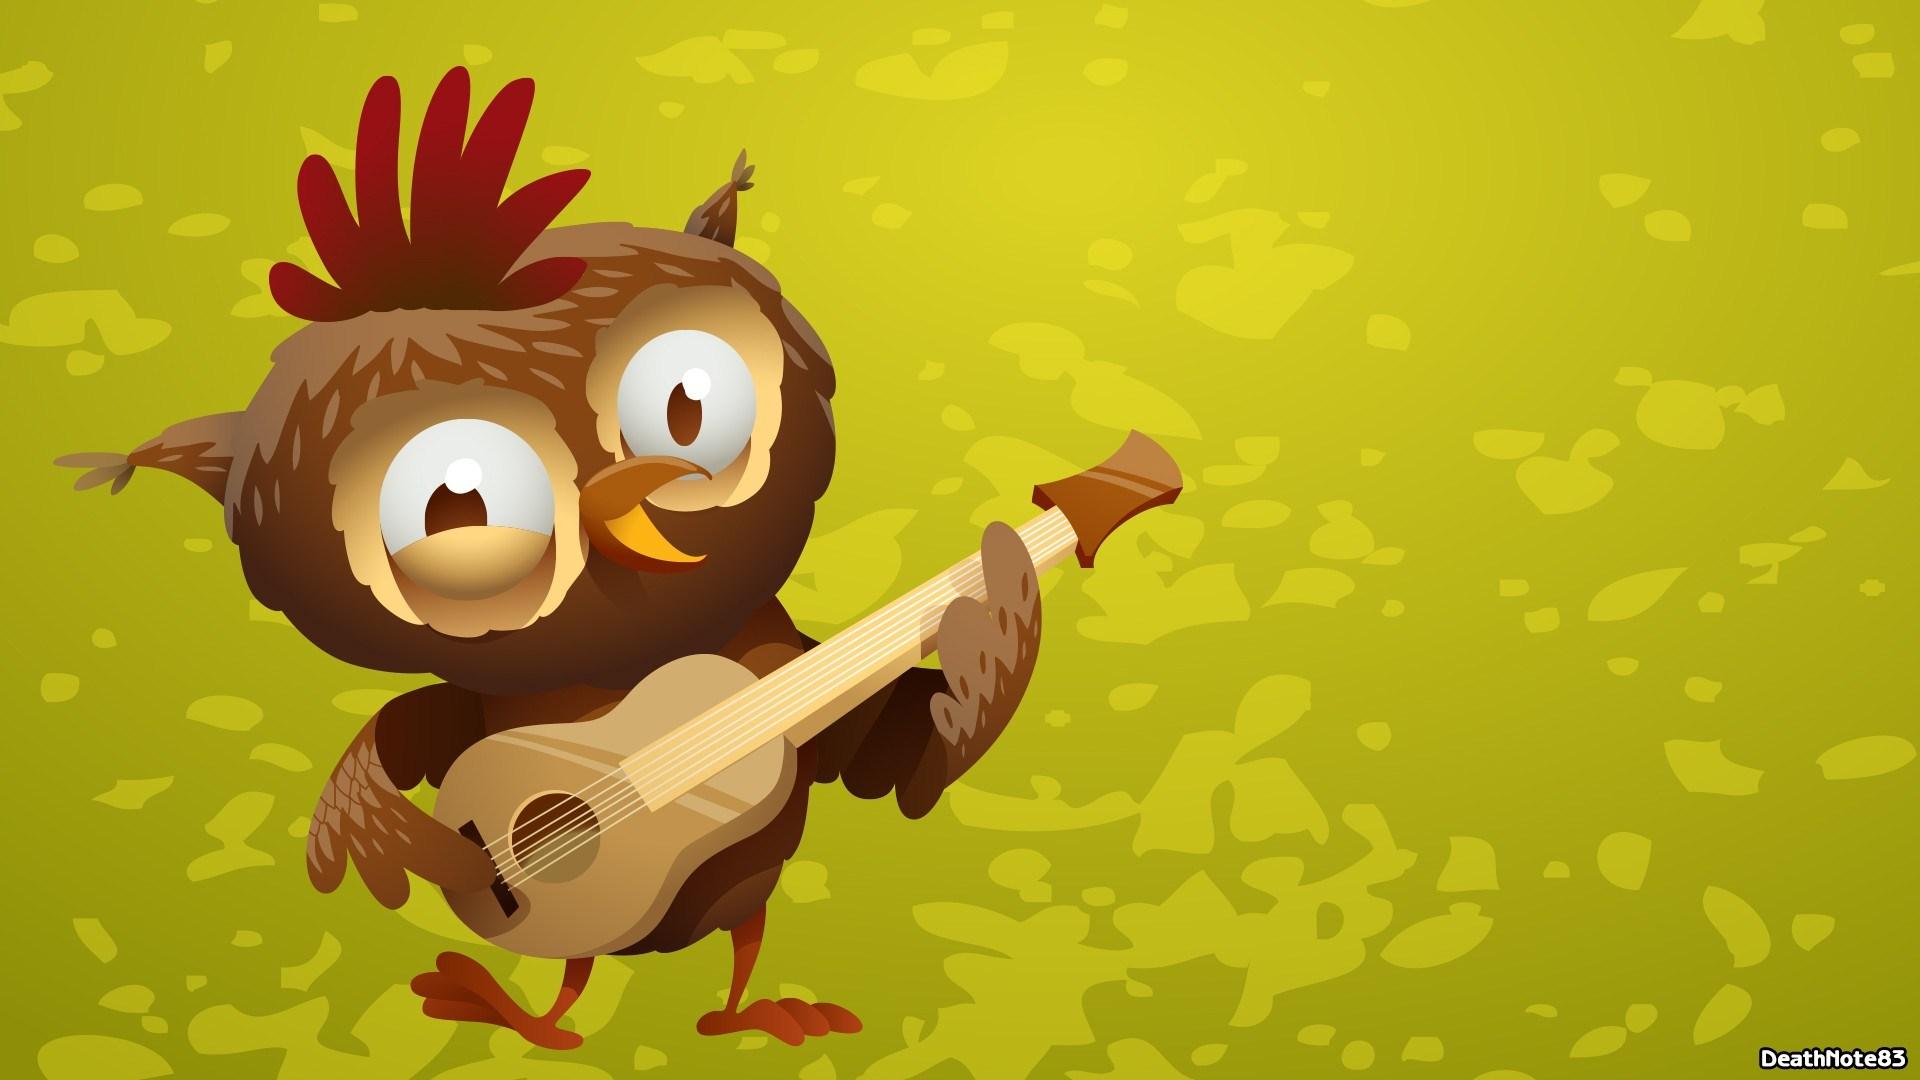 Art Owl Guitar Funny Cartoon Wallpaper 1920x1080 8982